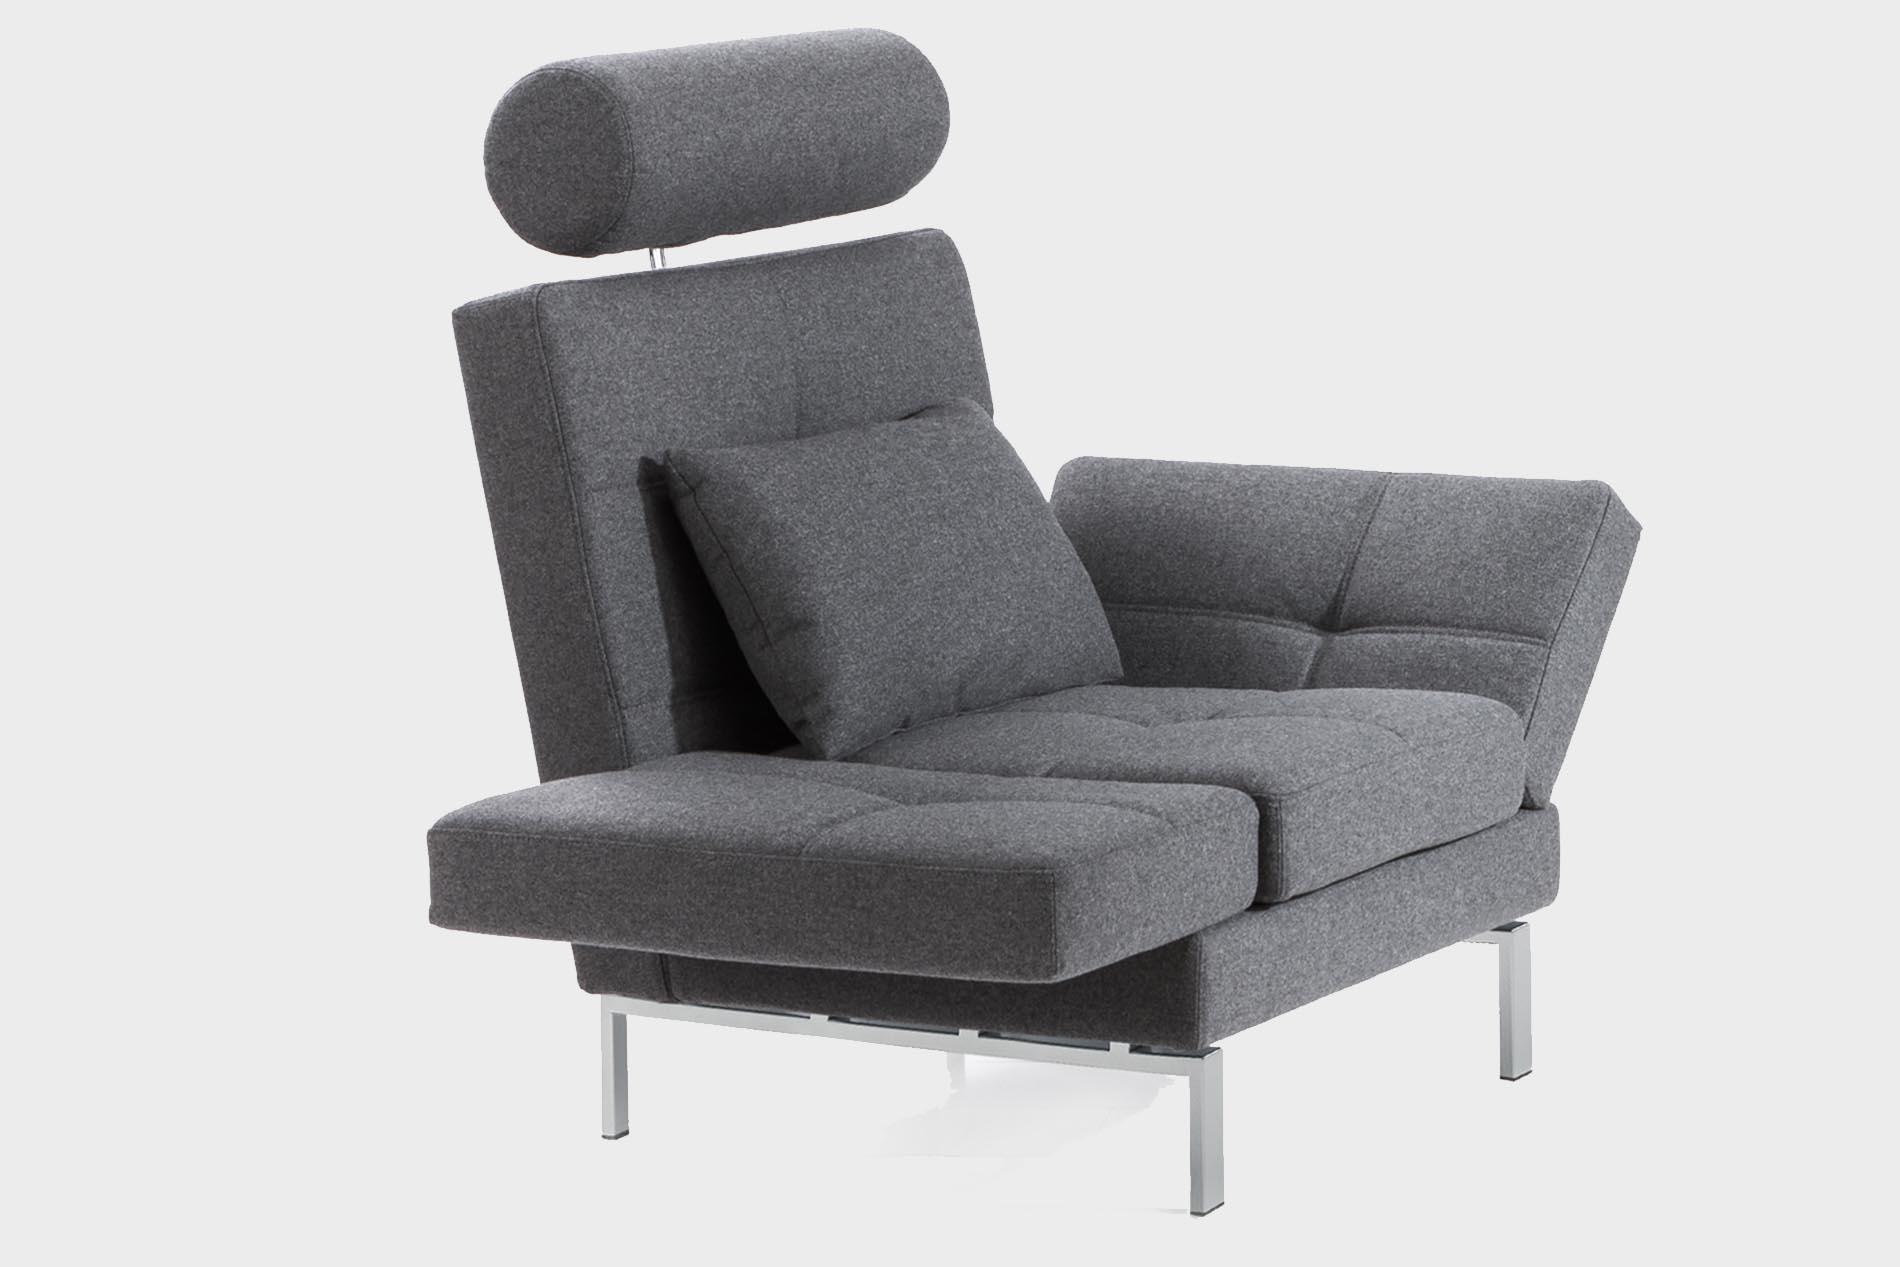 Amber Brühl Sessel Funktion